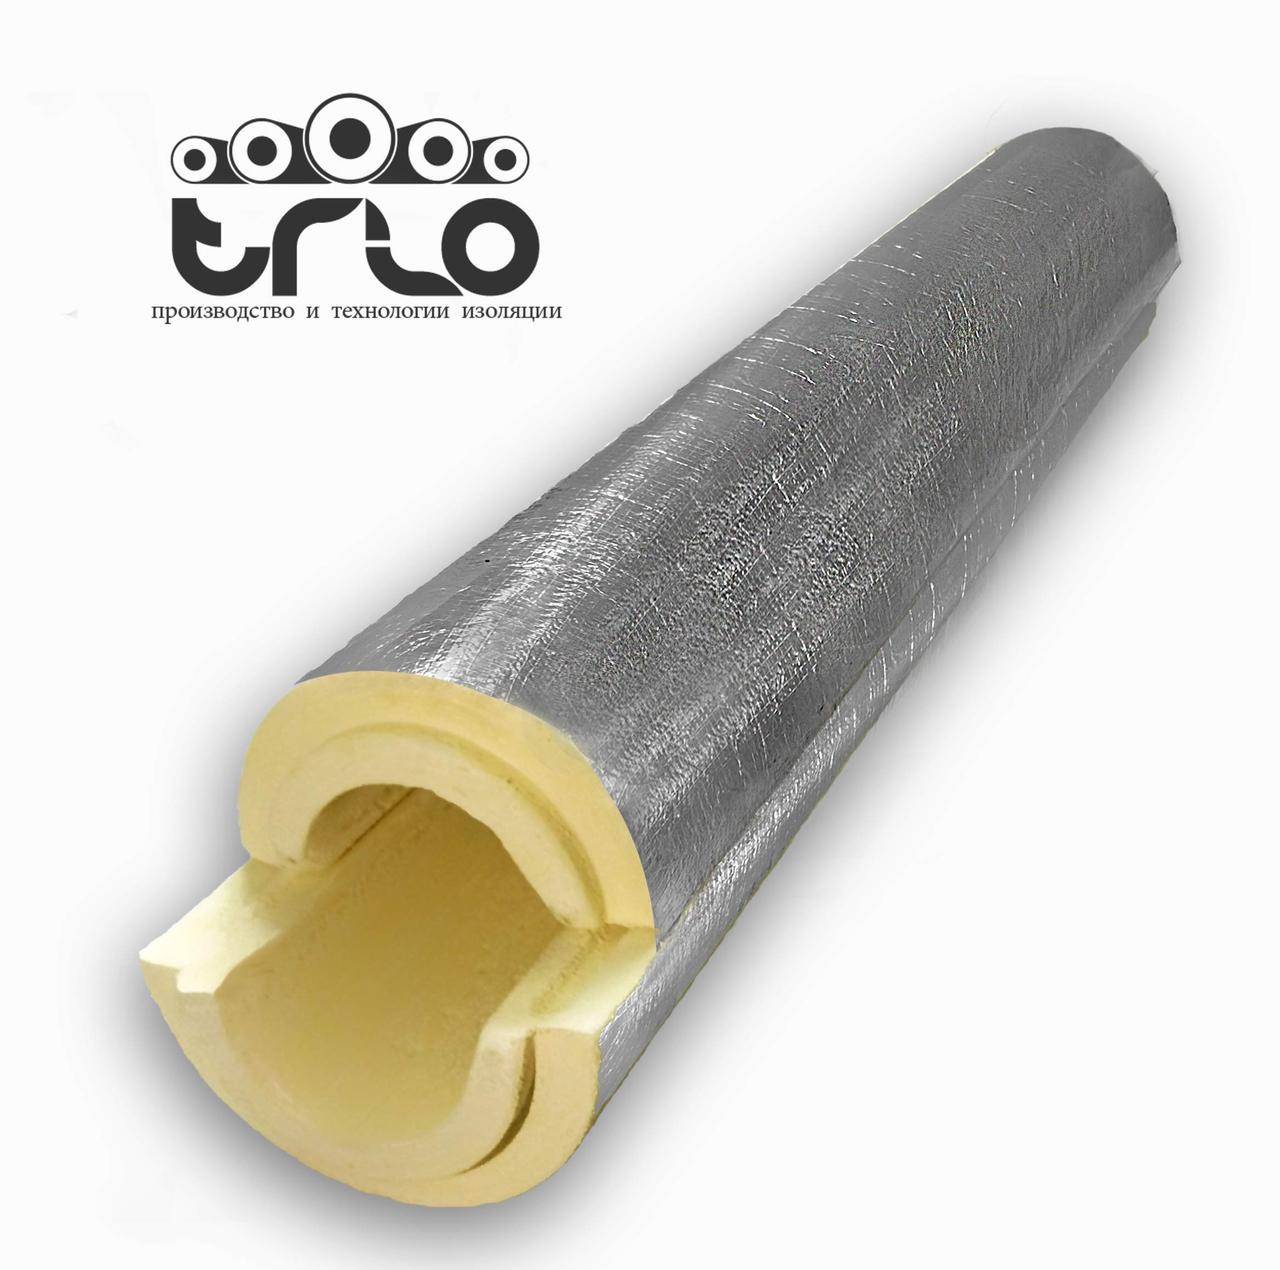 Утеплитель для труб в защитном покрытии из фольгопергамина (фольгоизола) -    Ø 140/36 мм